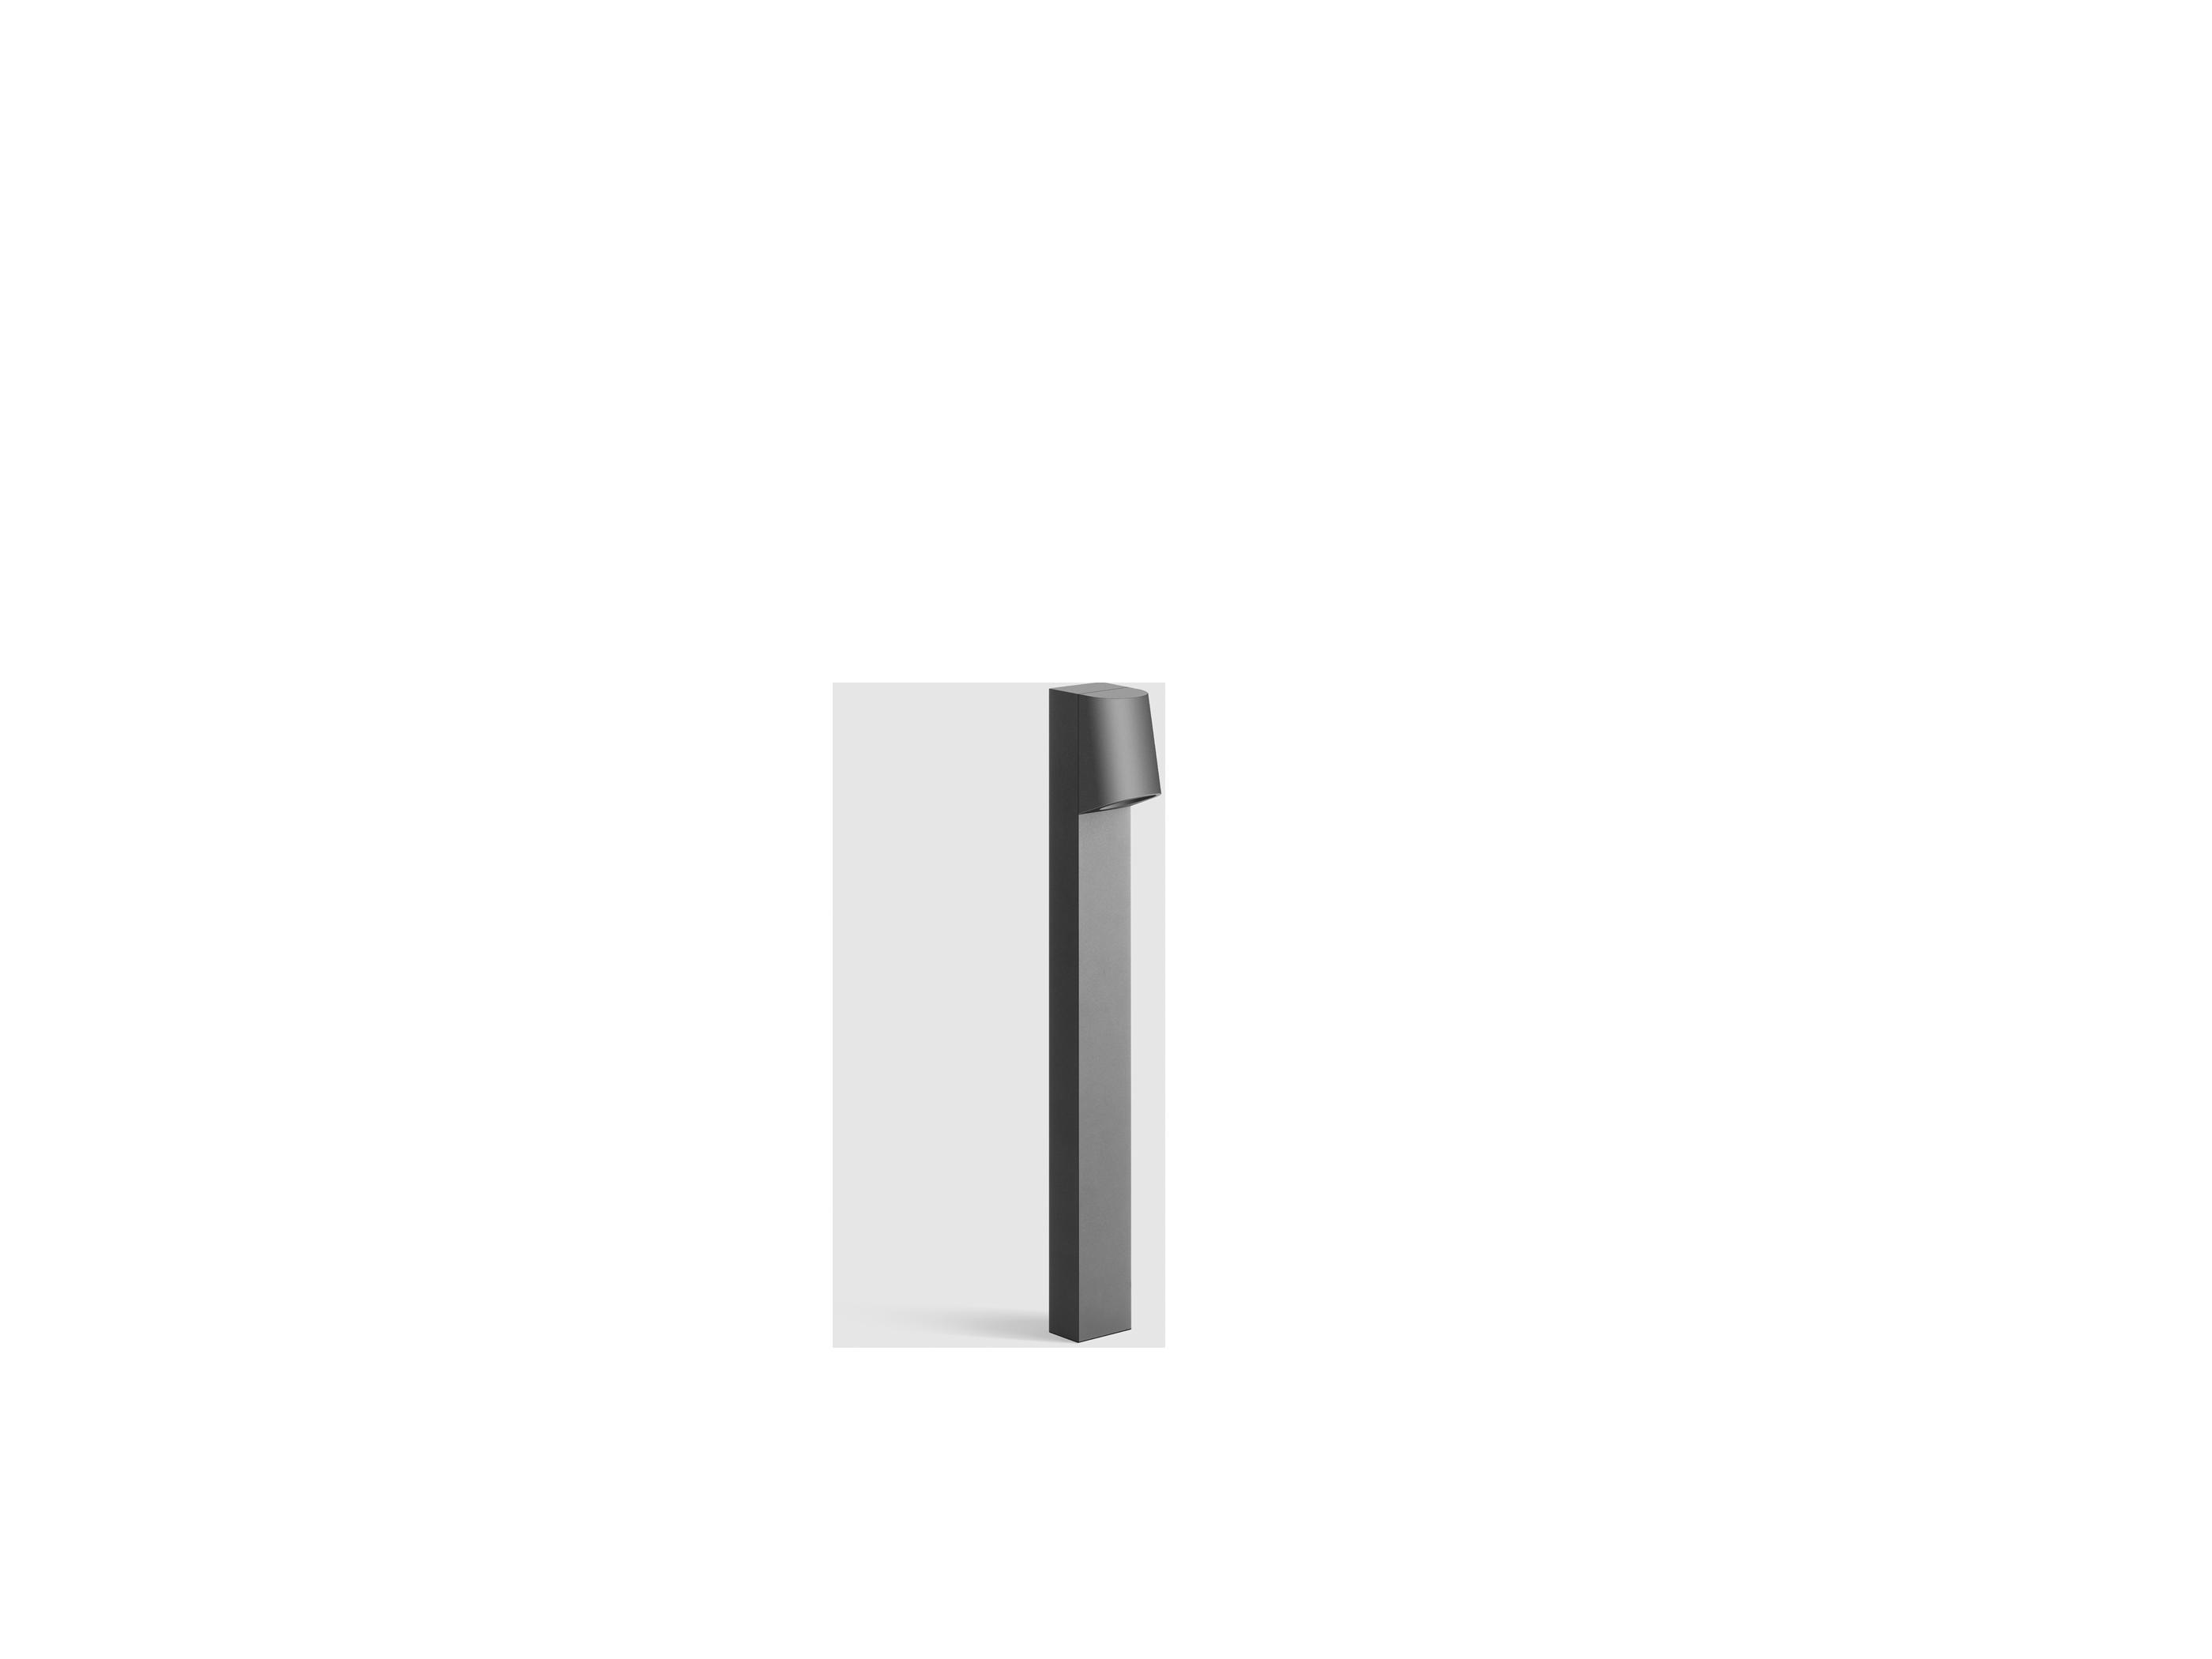 garten und wegleuchten leuchten f r den privaten garten aussenleuchten neuco. Black Bedroom Furniture Sets. Home Design Ideas